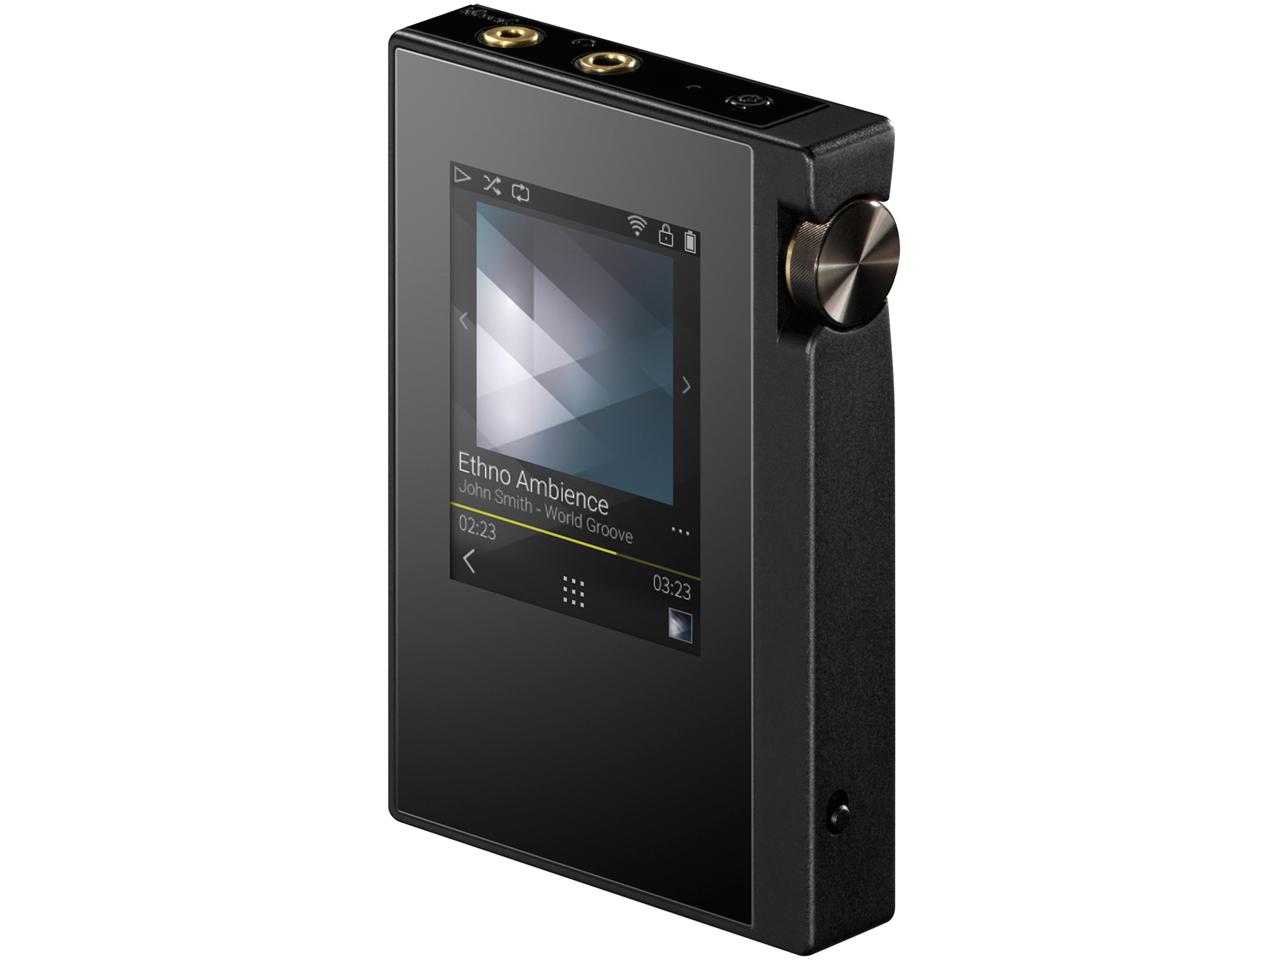 『本体 斜め』 rubato DP-S1(B) [16GB] の製品画像